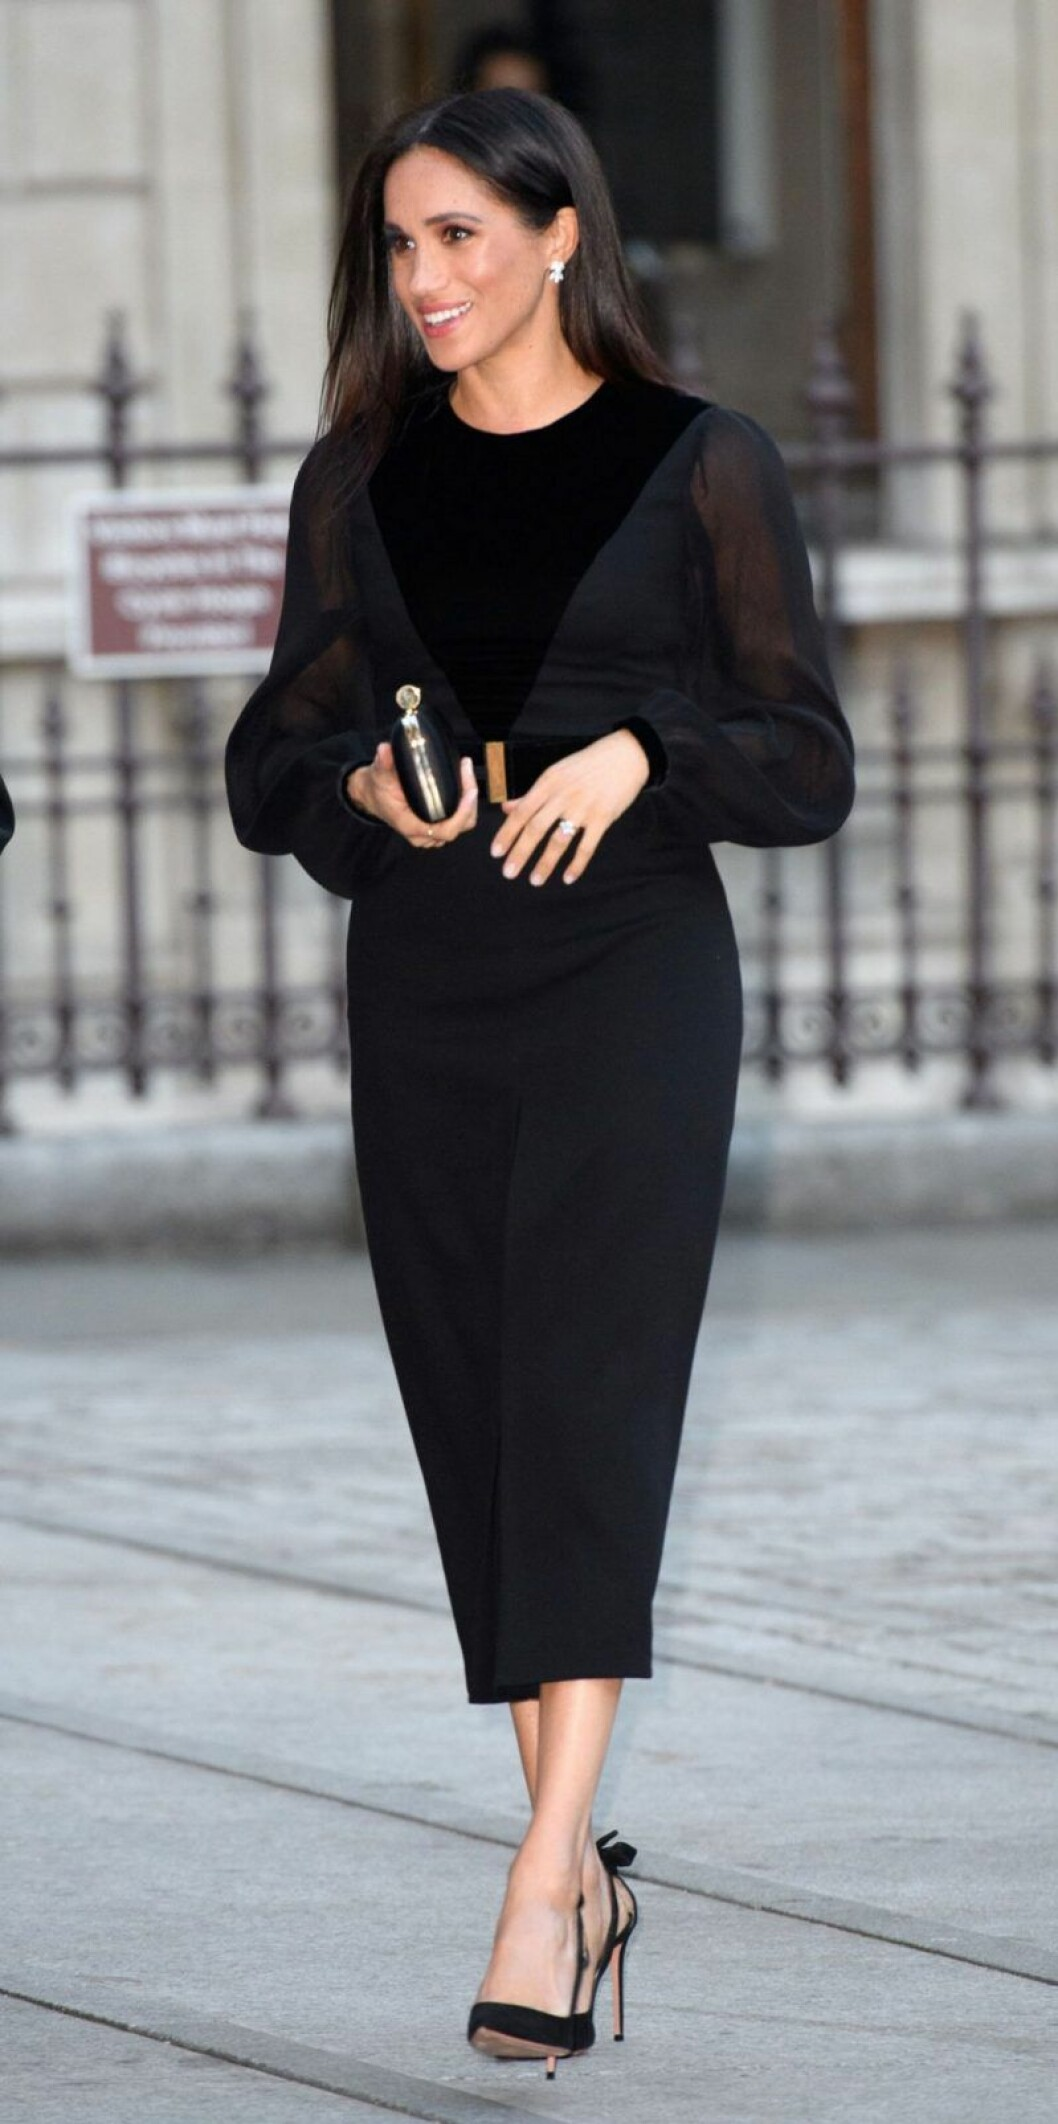 Meghan Markle i svart klänning